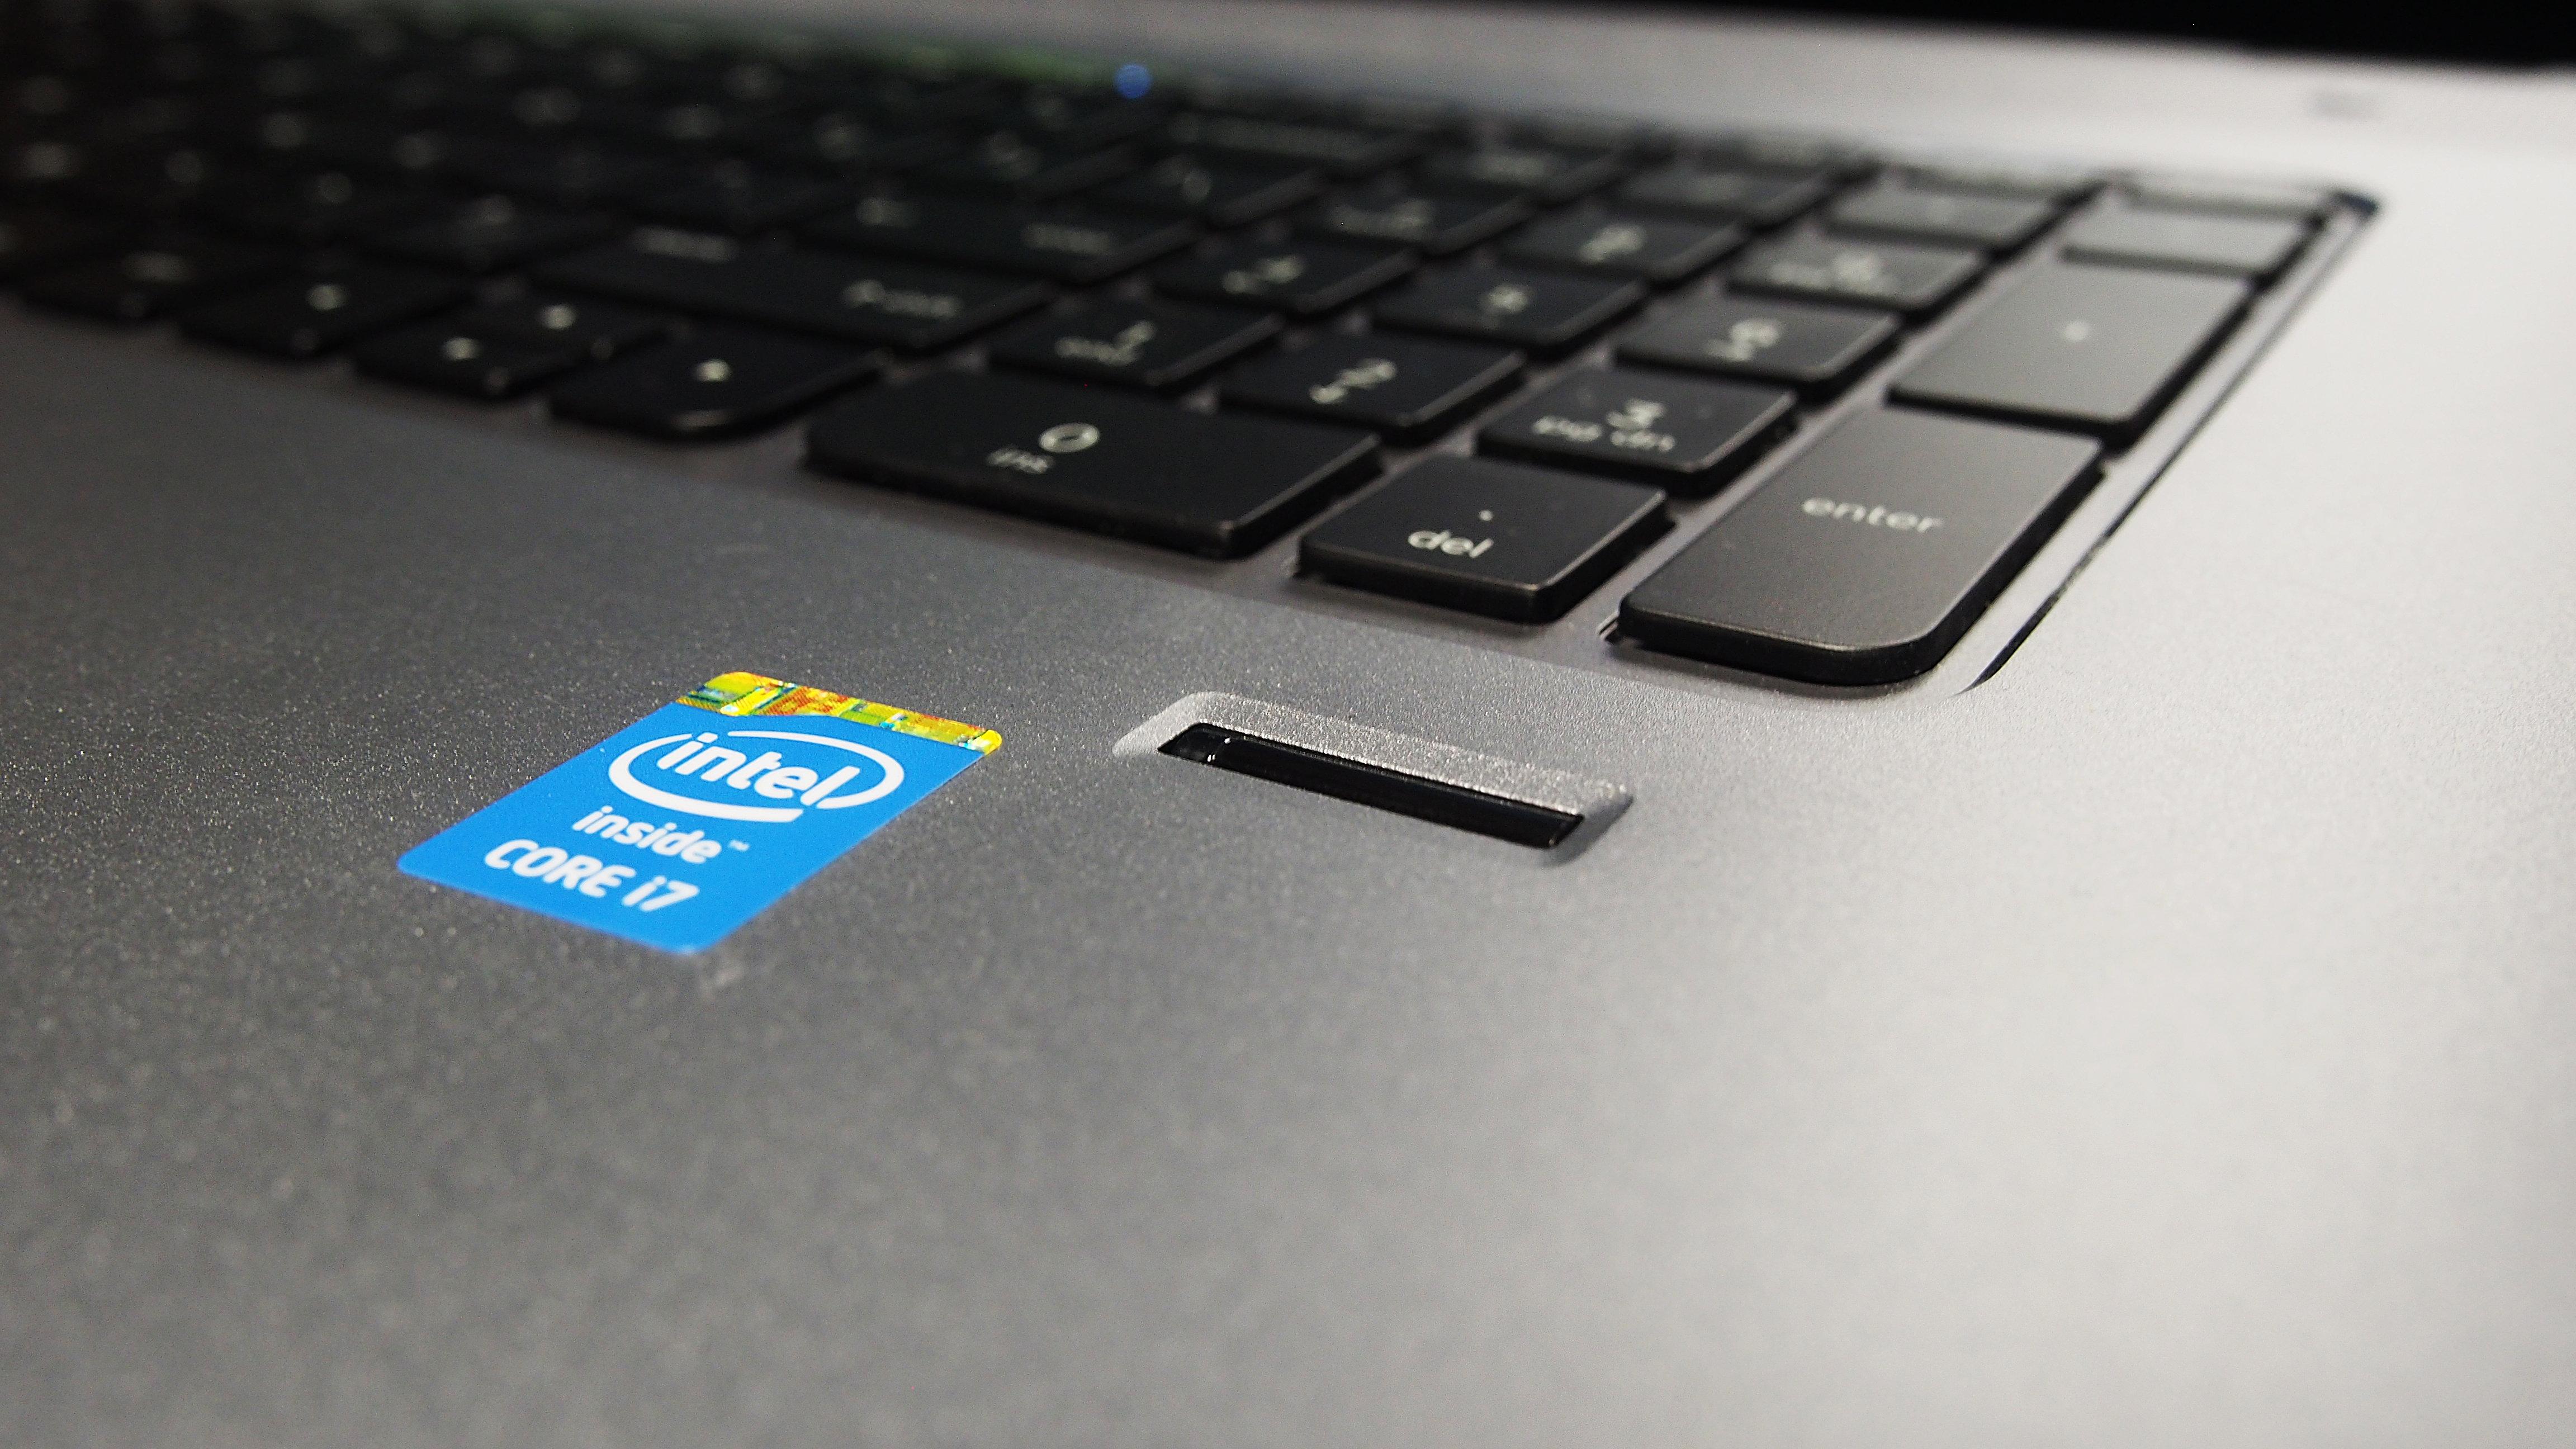 The HP Envy TouchSmart 17's fingerprint scanner